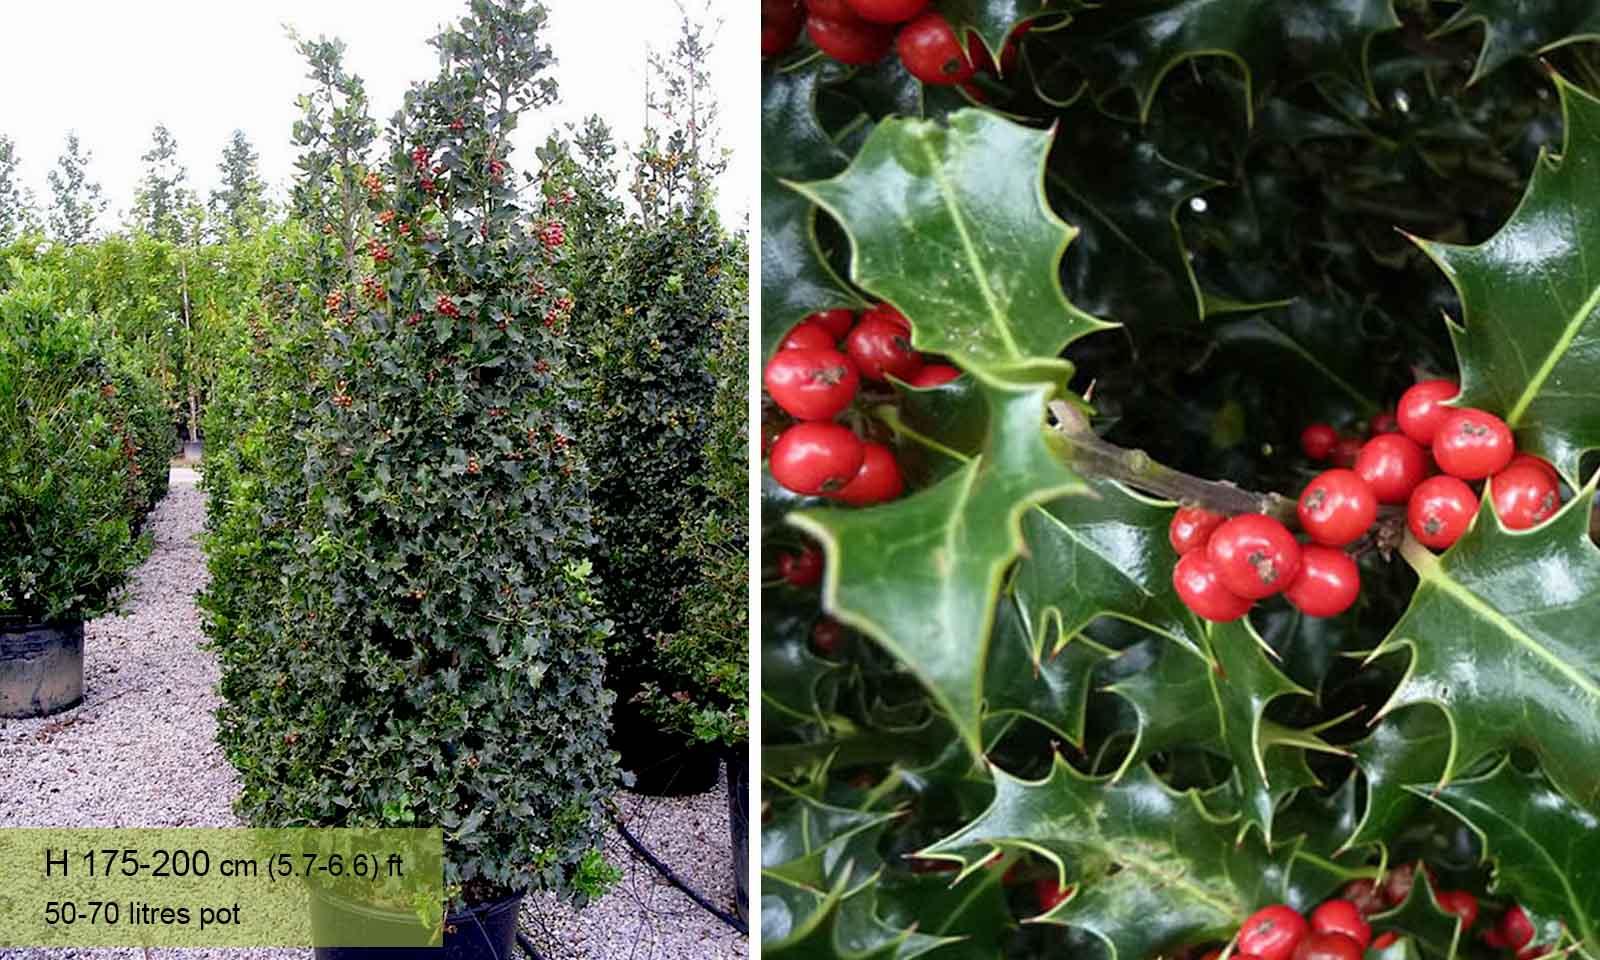 Ilex Aquifolium (English Holly) - Cone